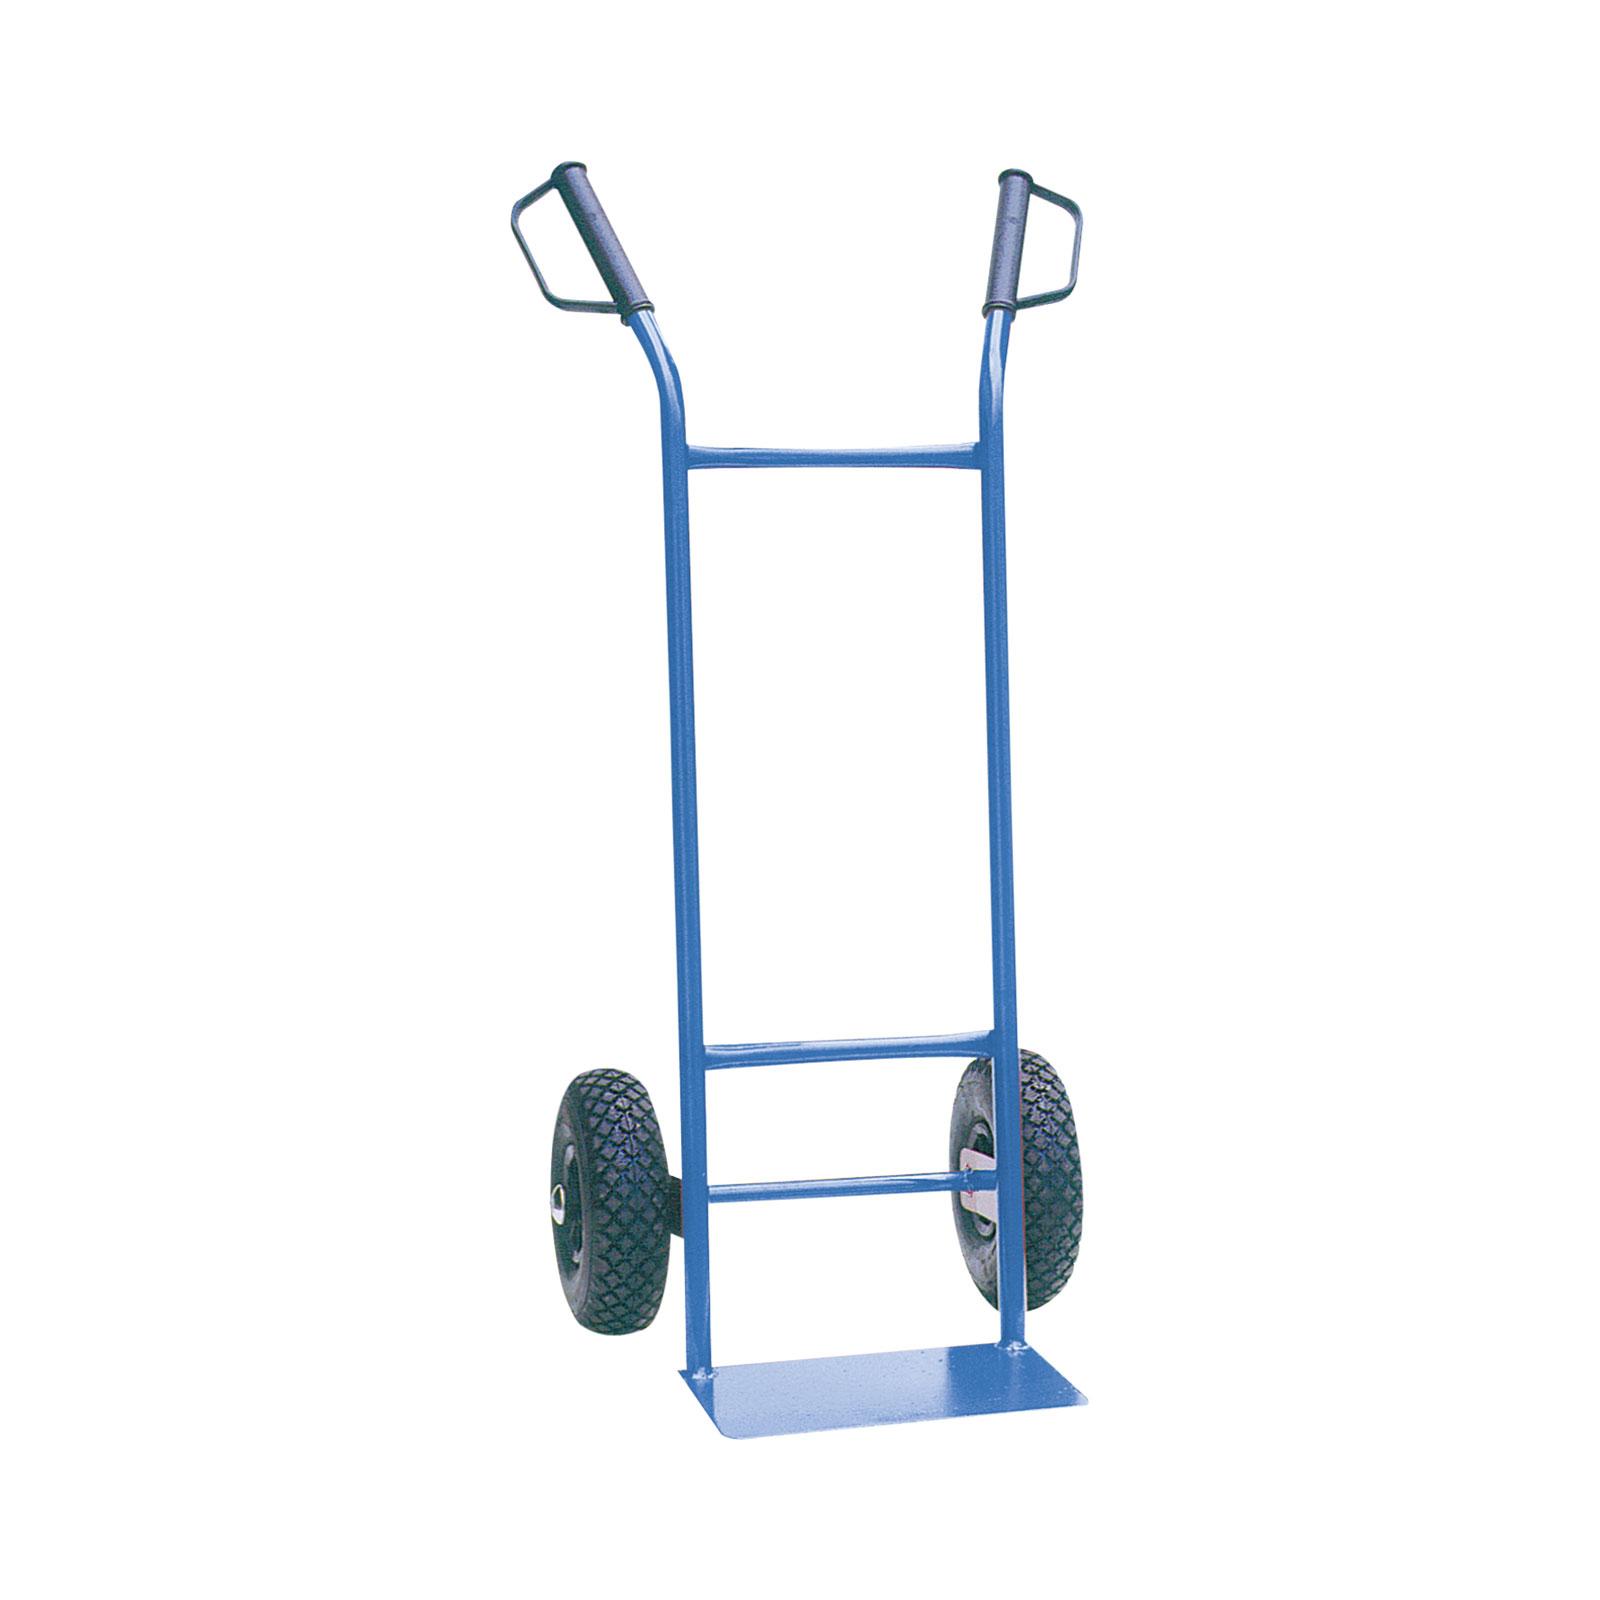 Schake Stahlrohrsackkarre 250kg Tragkraft mit Luftrad 335x200mm 51902